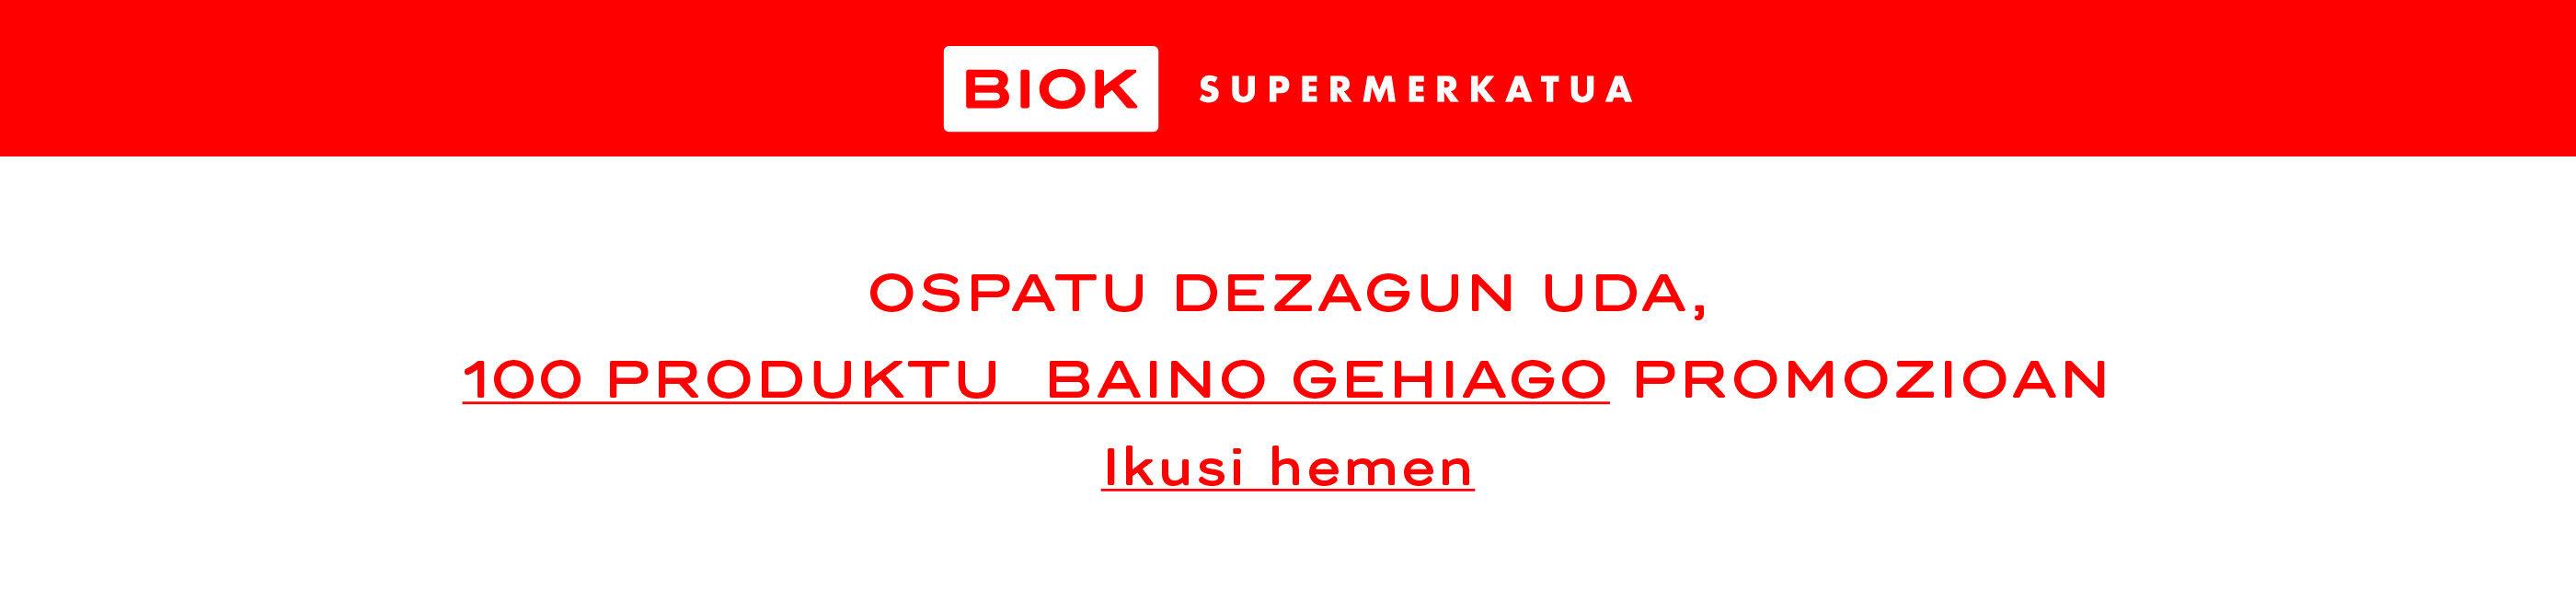 Warning: Illegal string offset 'alt' in /usr/home/ventabiok.com/web/wp-content/themes/biok/partials/banner.php on line 48 h